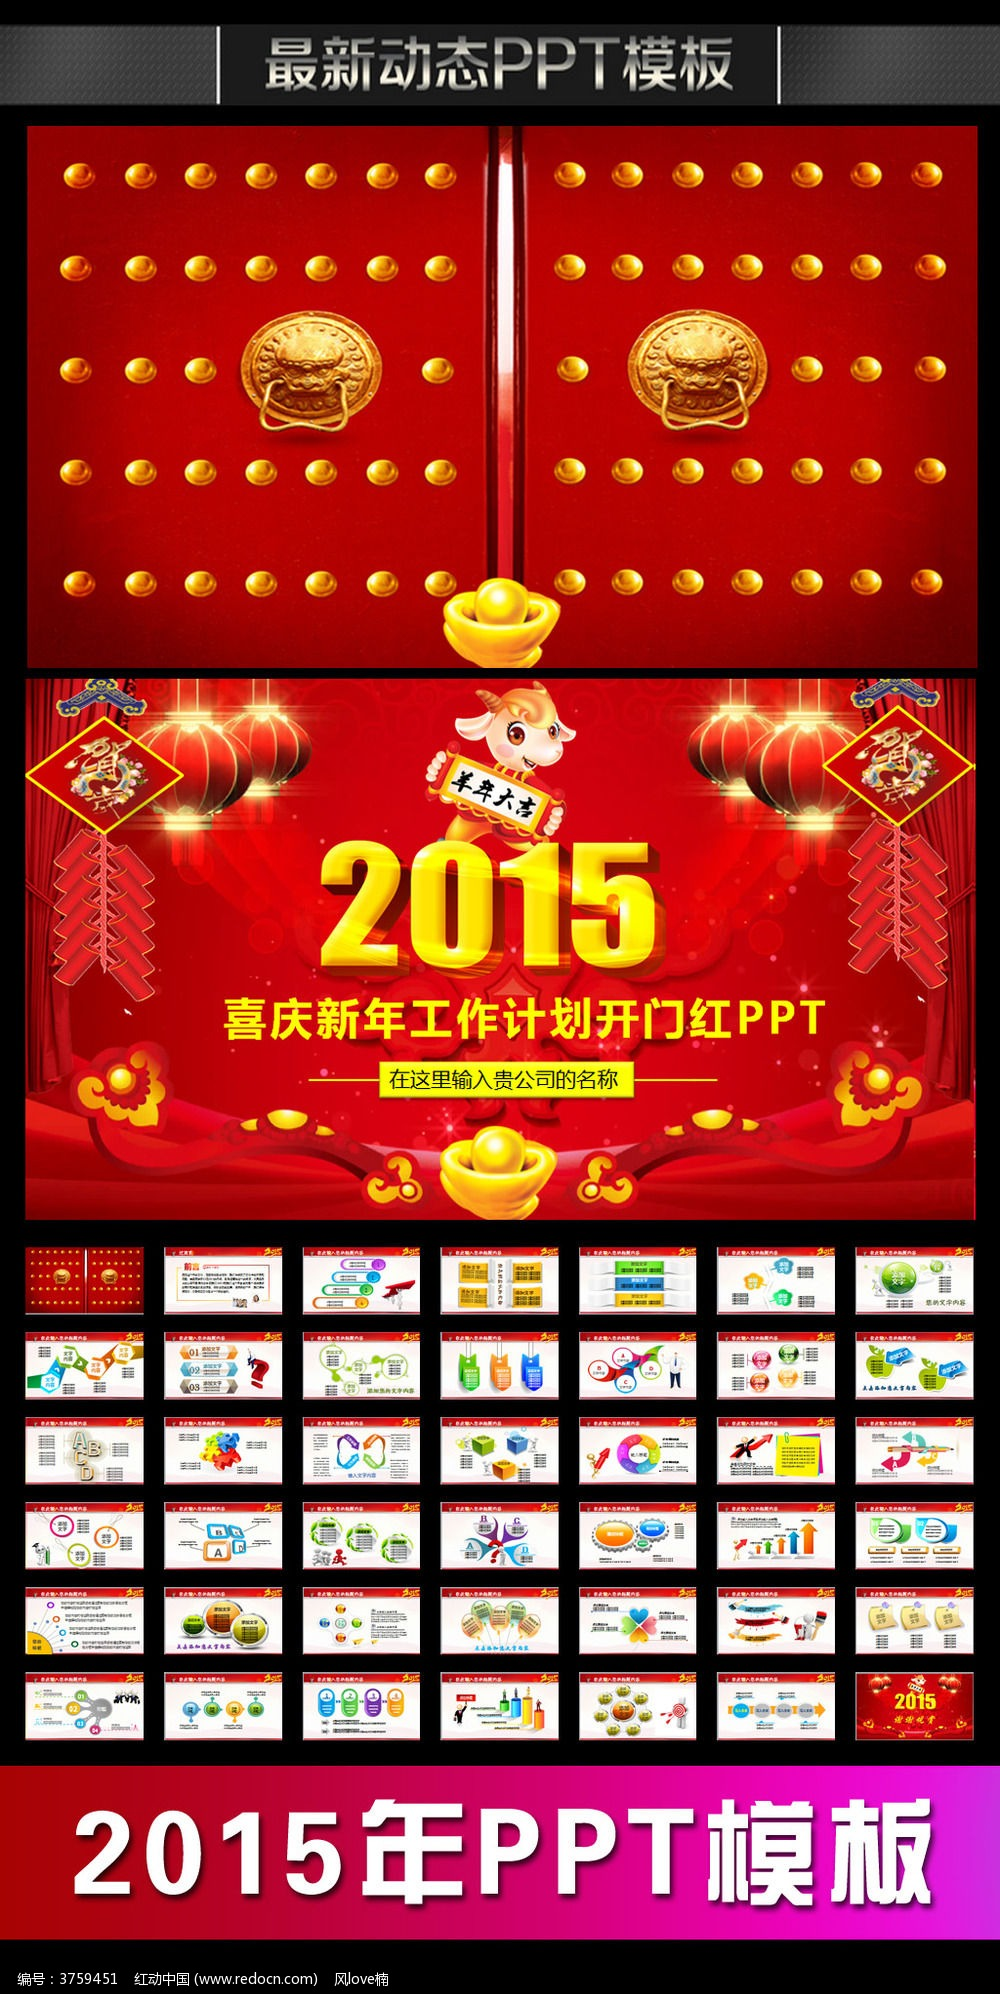 标签: 2015年 羊年 开门红 开门大吉 年终总结 新年计划 PPT PPT模板